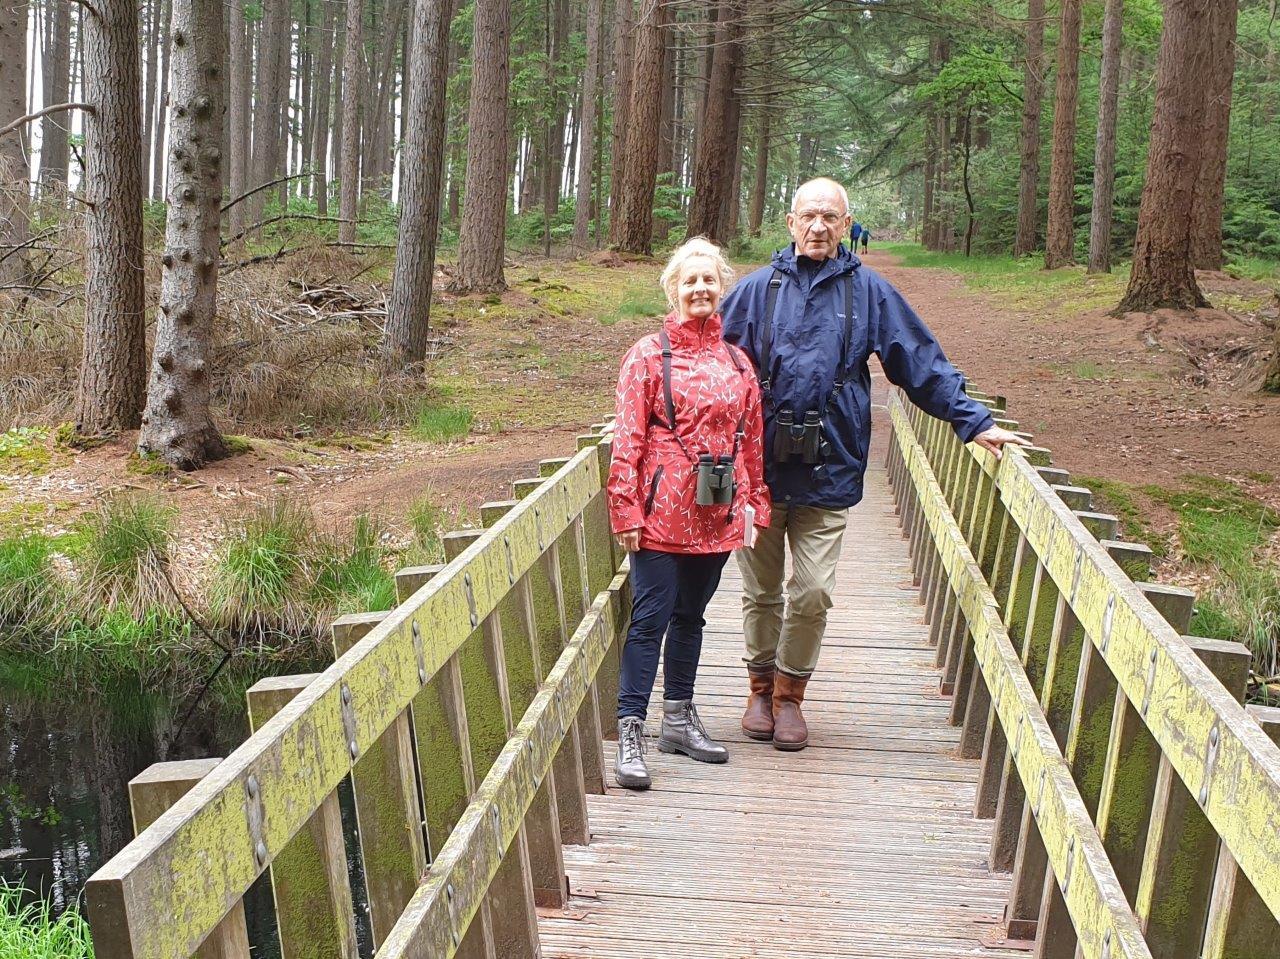 Deelnemers op de brug